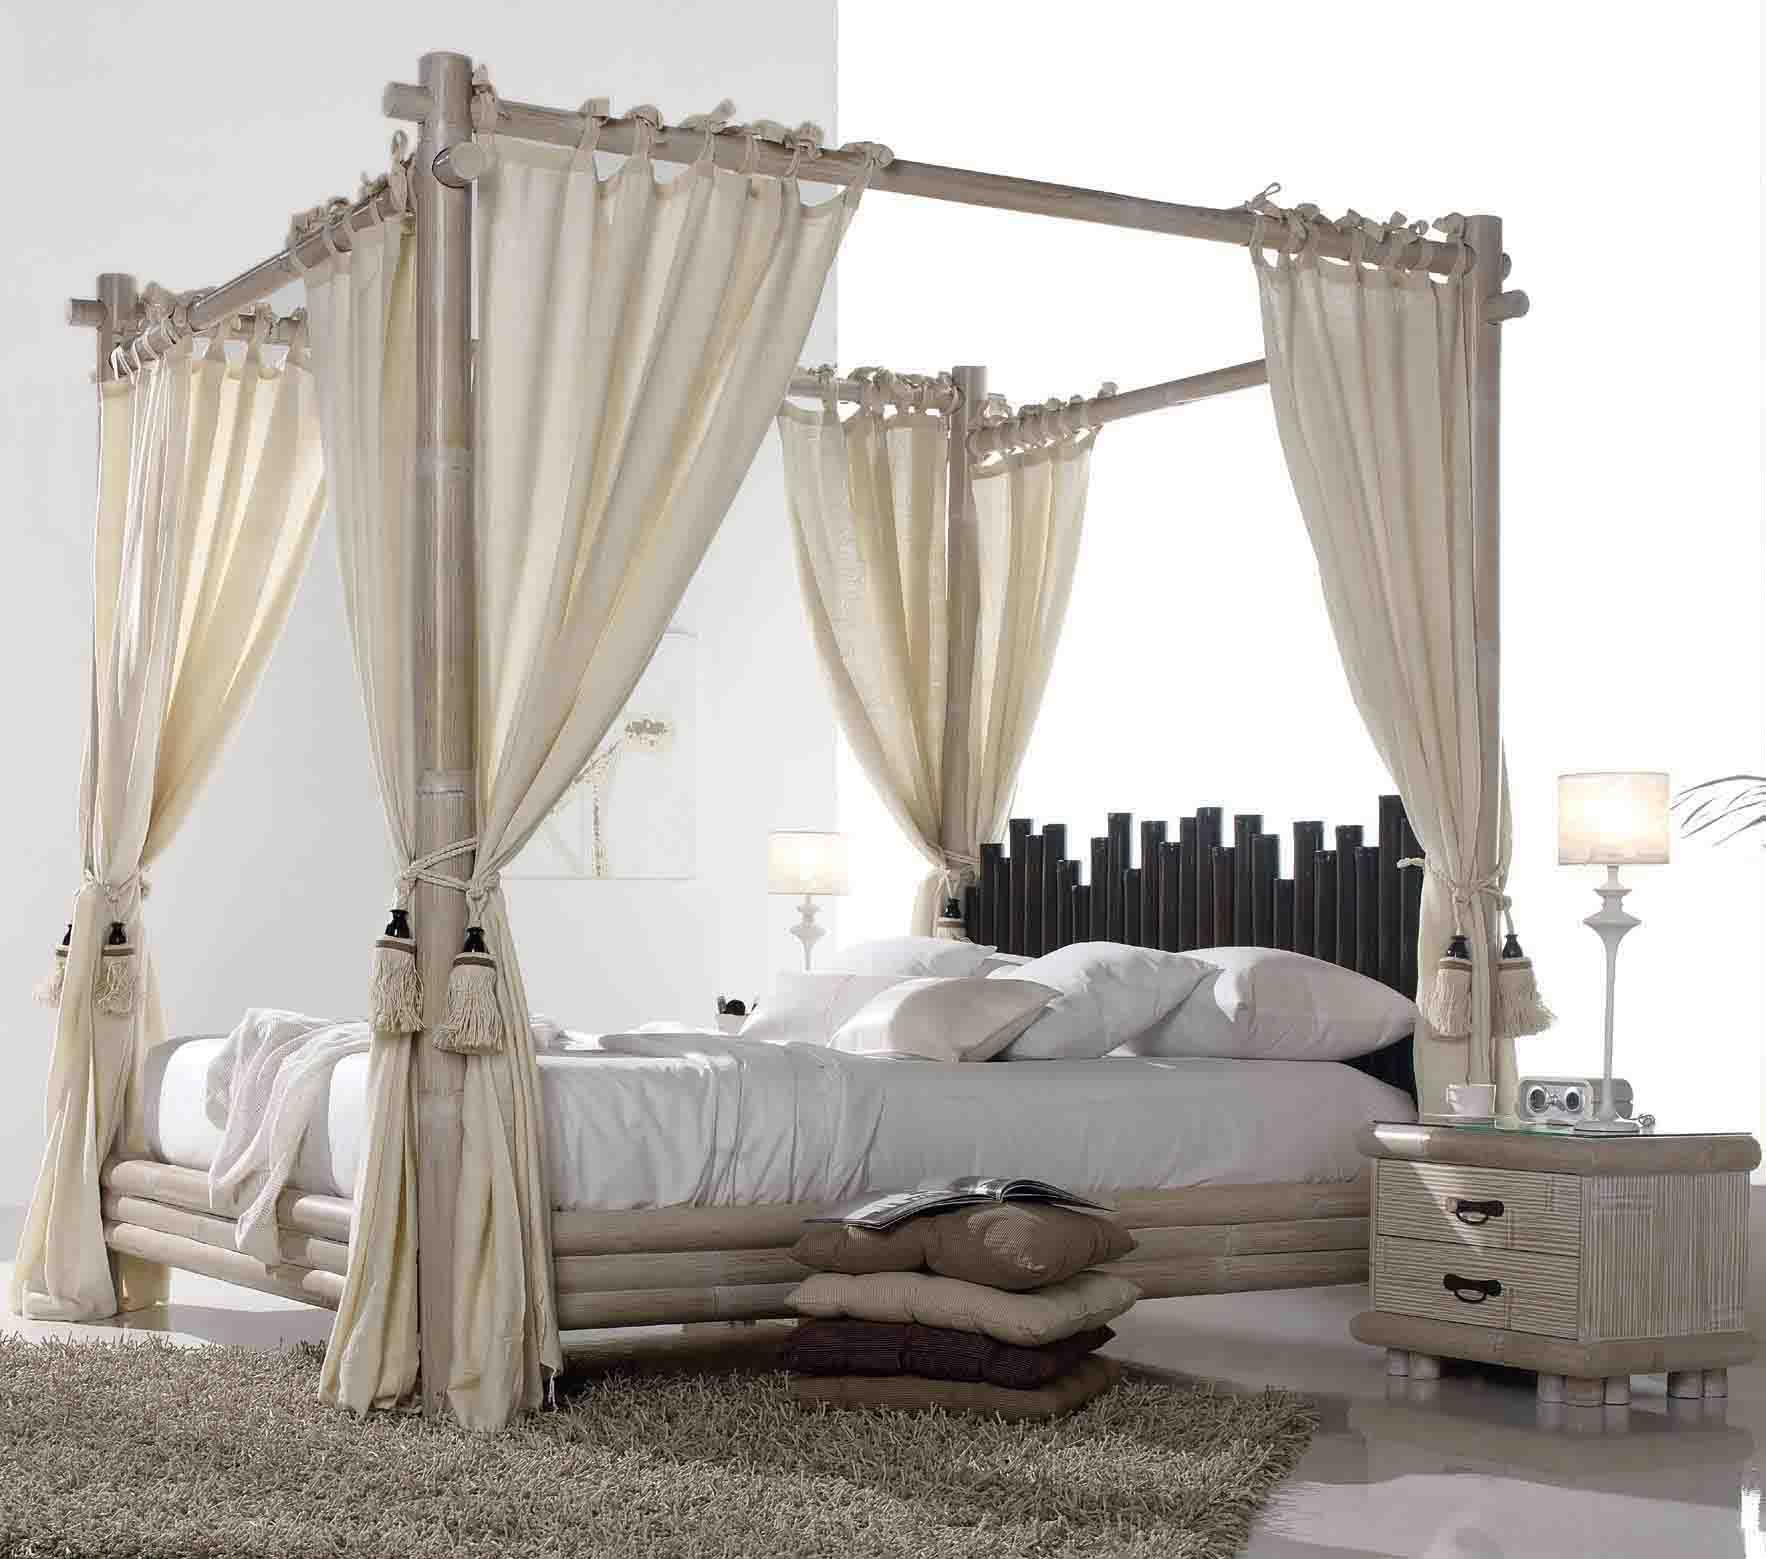 Bambus himmelbett cabana ihr online shop f r elegante holzbetten im afrika stil schlafzimmer - Schlafzimmer afrika style ...